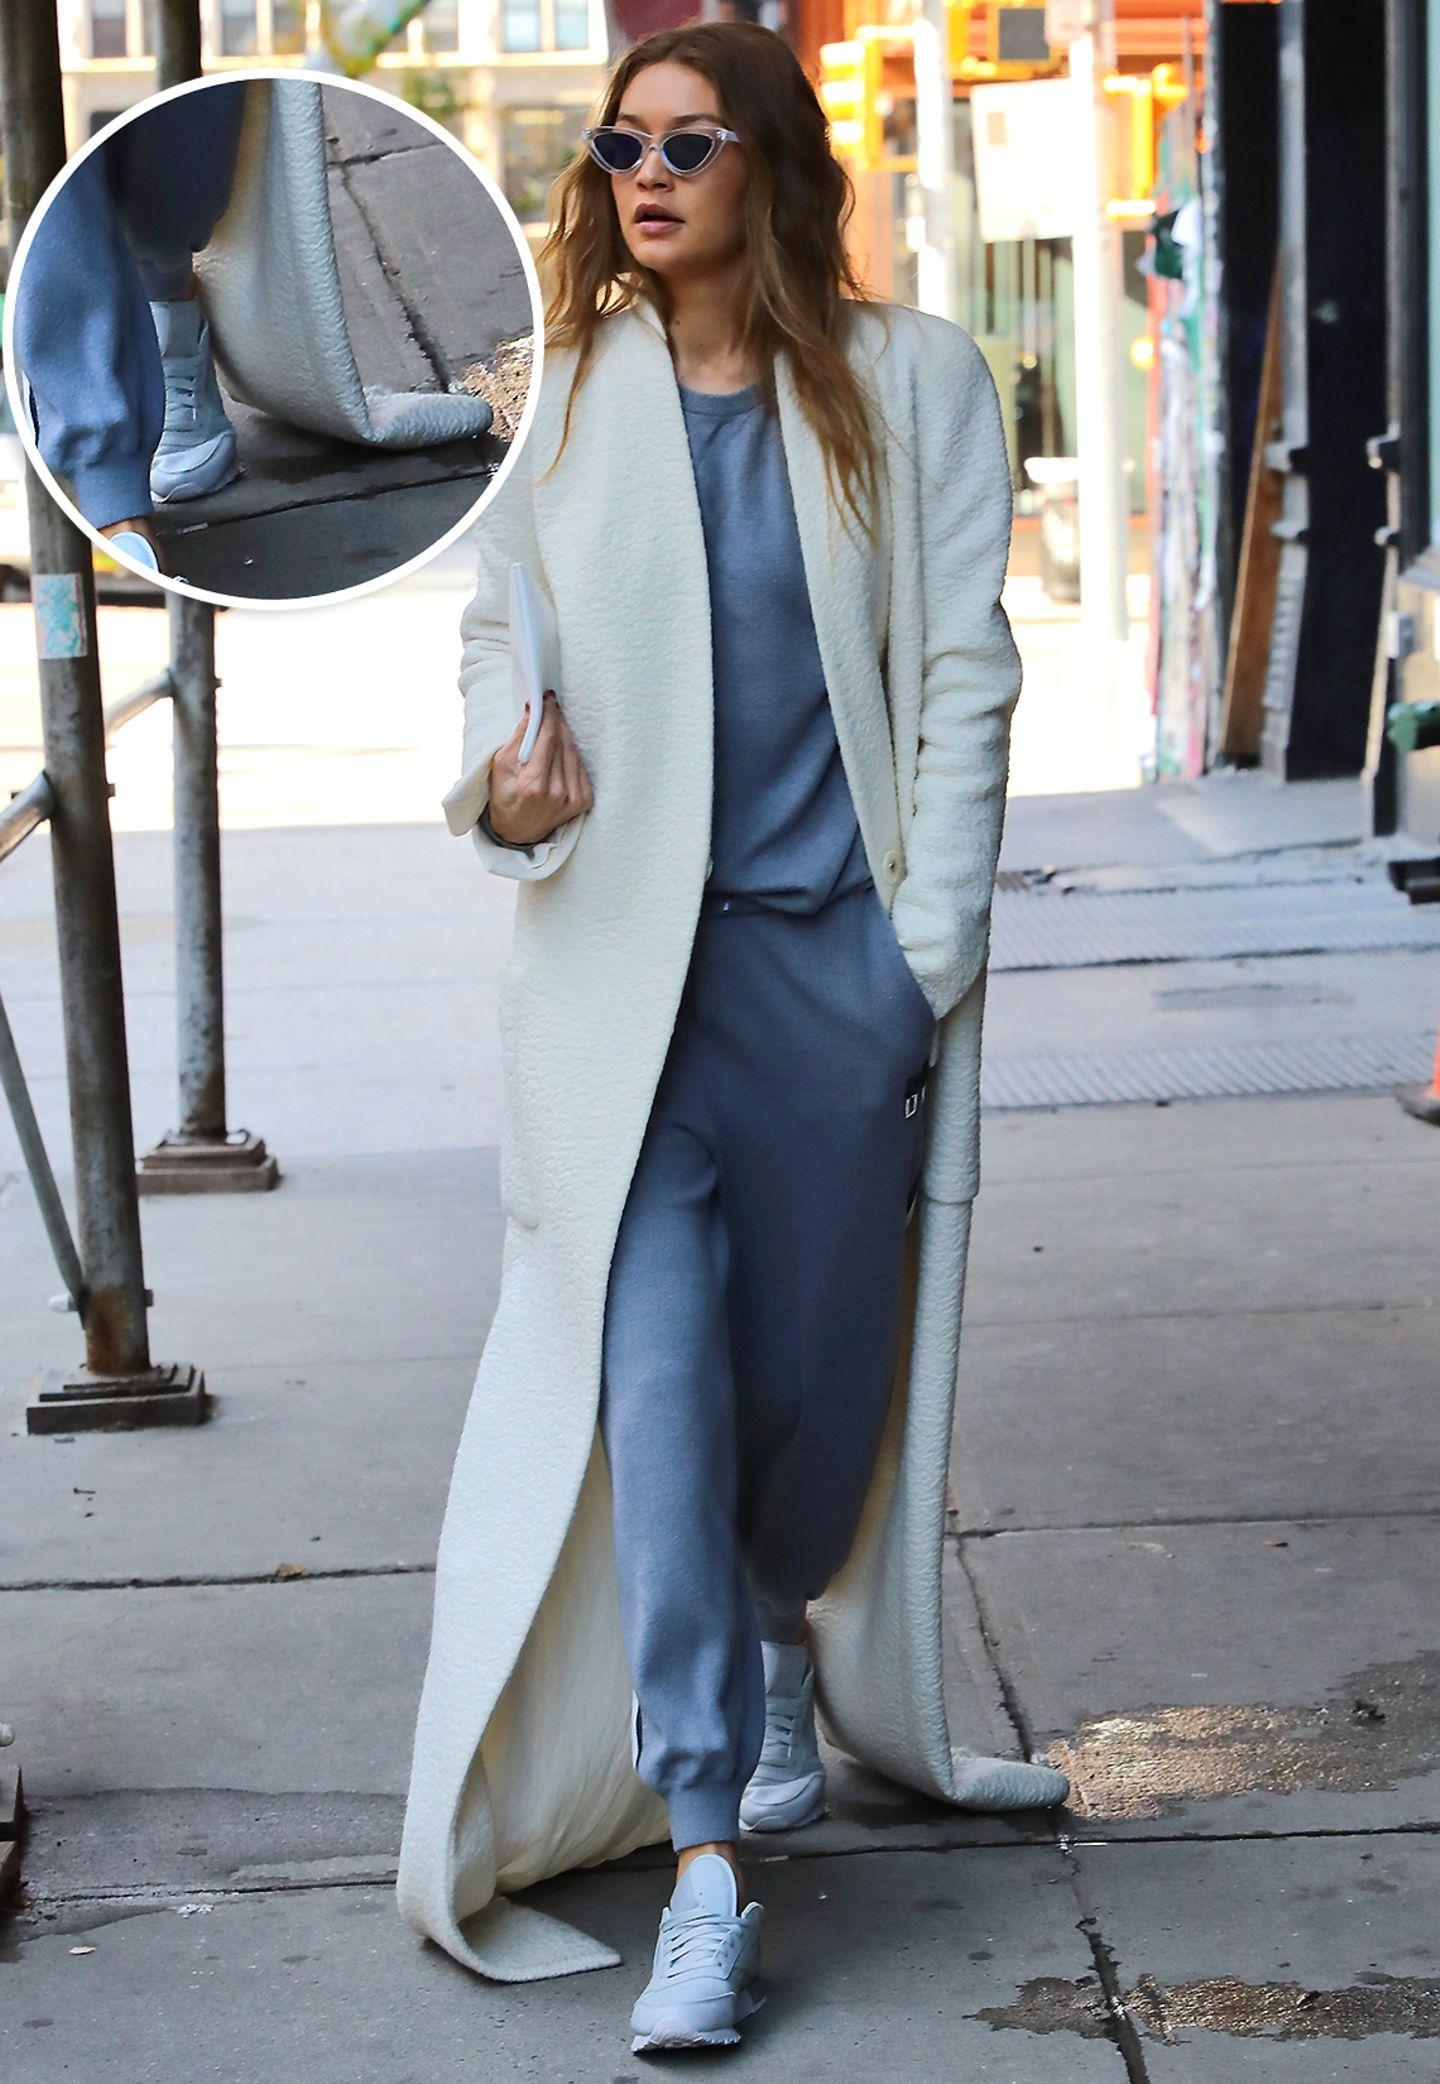 Der XXL-Kuschelmantel von Gigi Hadid sieht zwar gut aus, sollte dann aber auch sorgsam behandelt und getragen werden. Das Model schert sich jedoch nicht darum und wischt mit dem feinen weißen Stoff den Boden und geht sogar durch Pfützen.